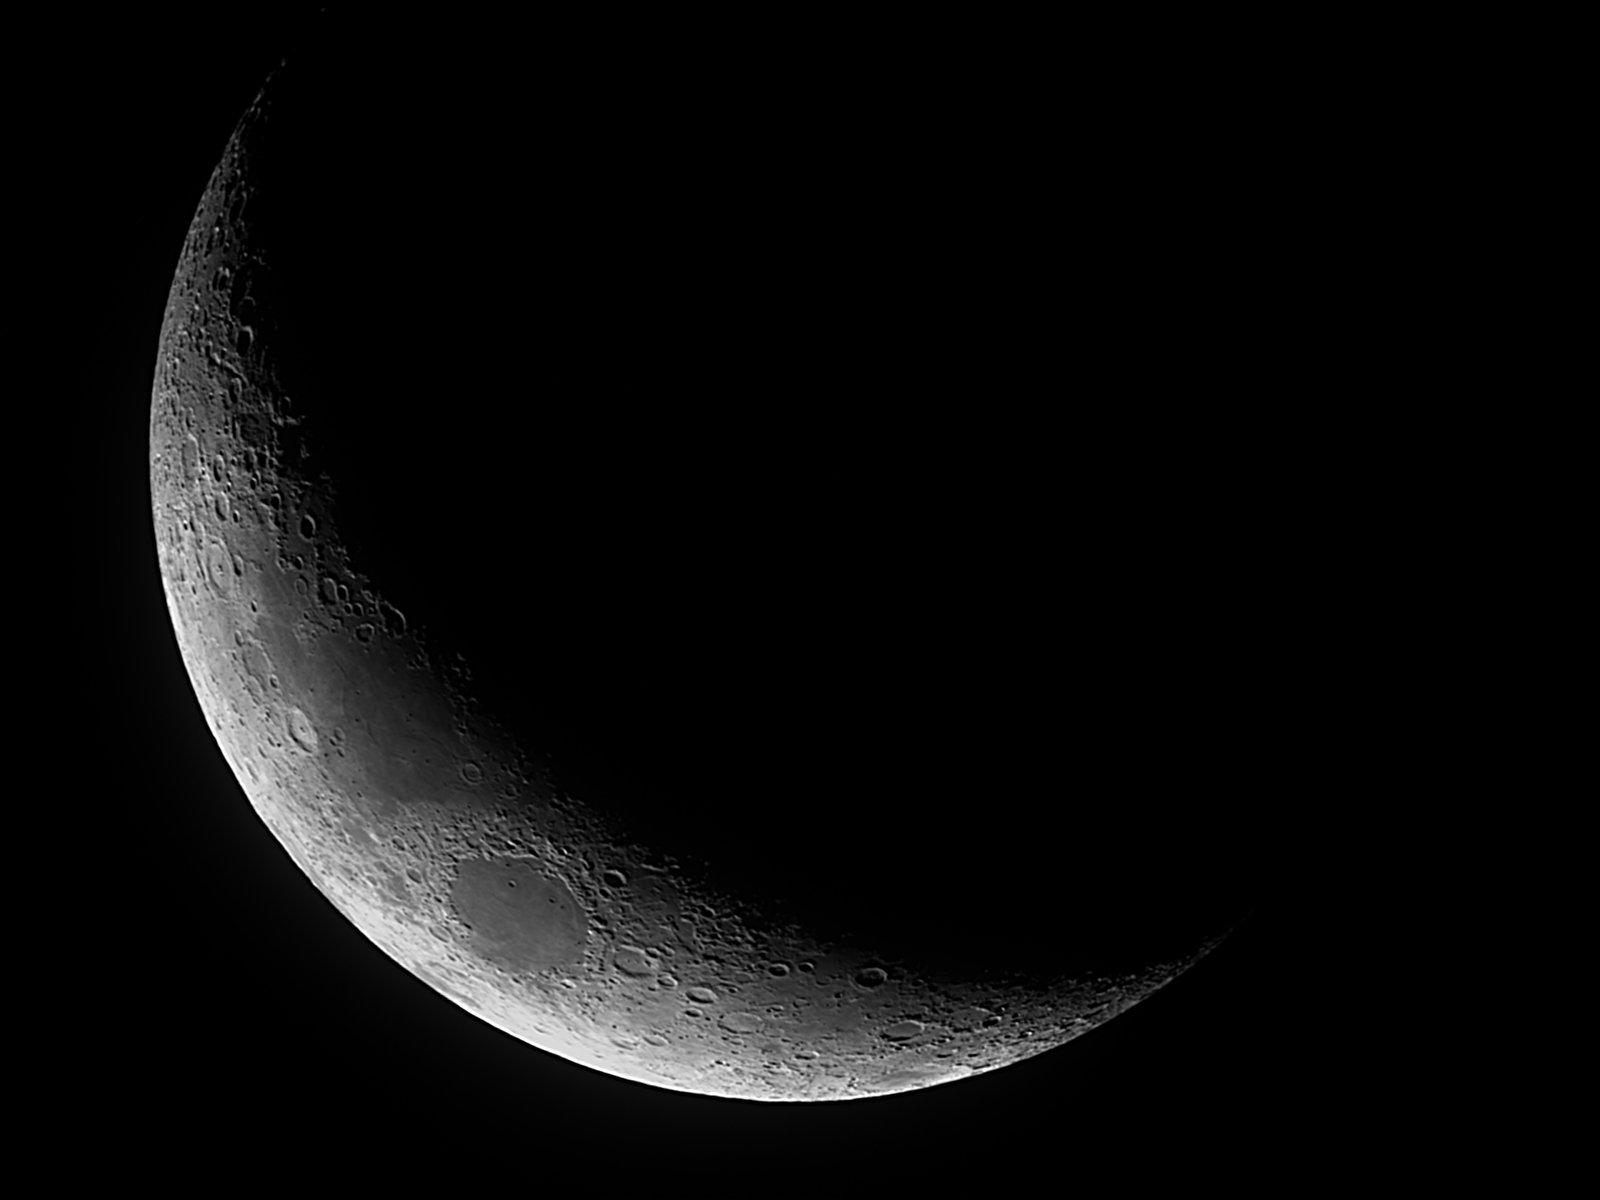 Lune 19% SAR 2nd version